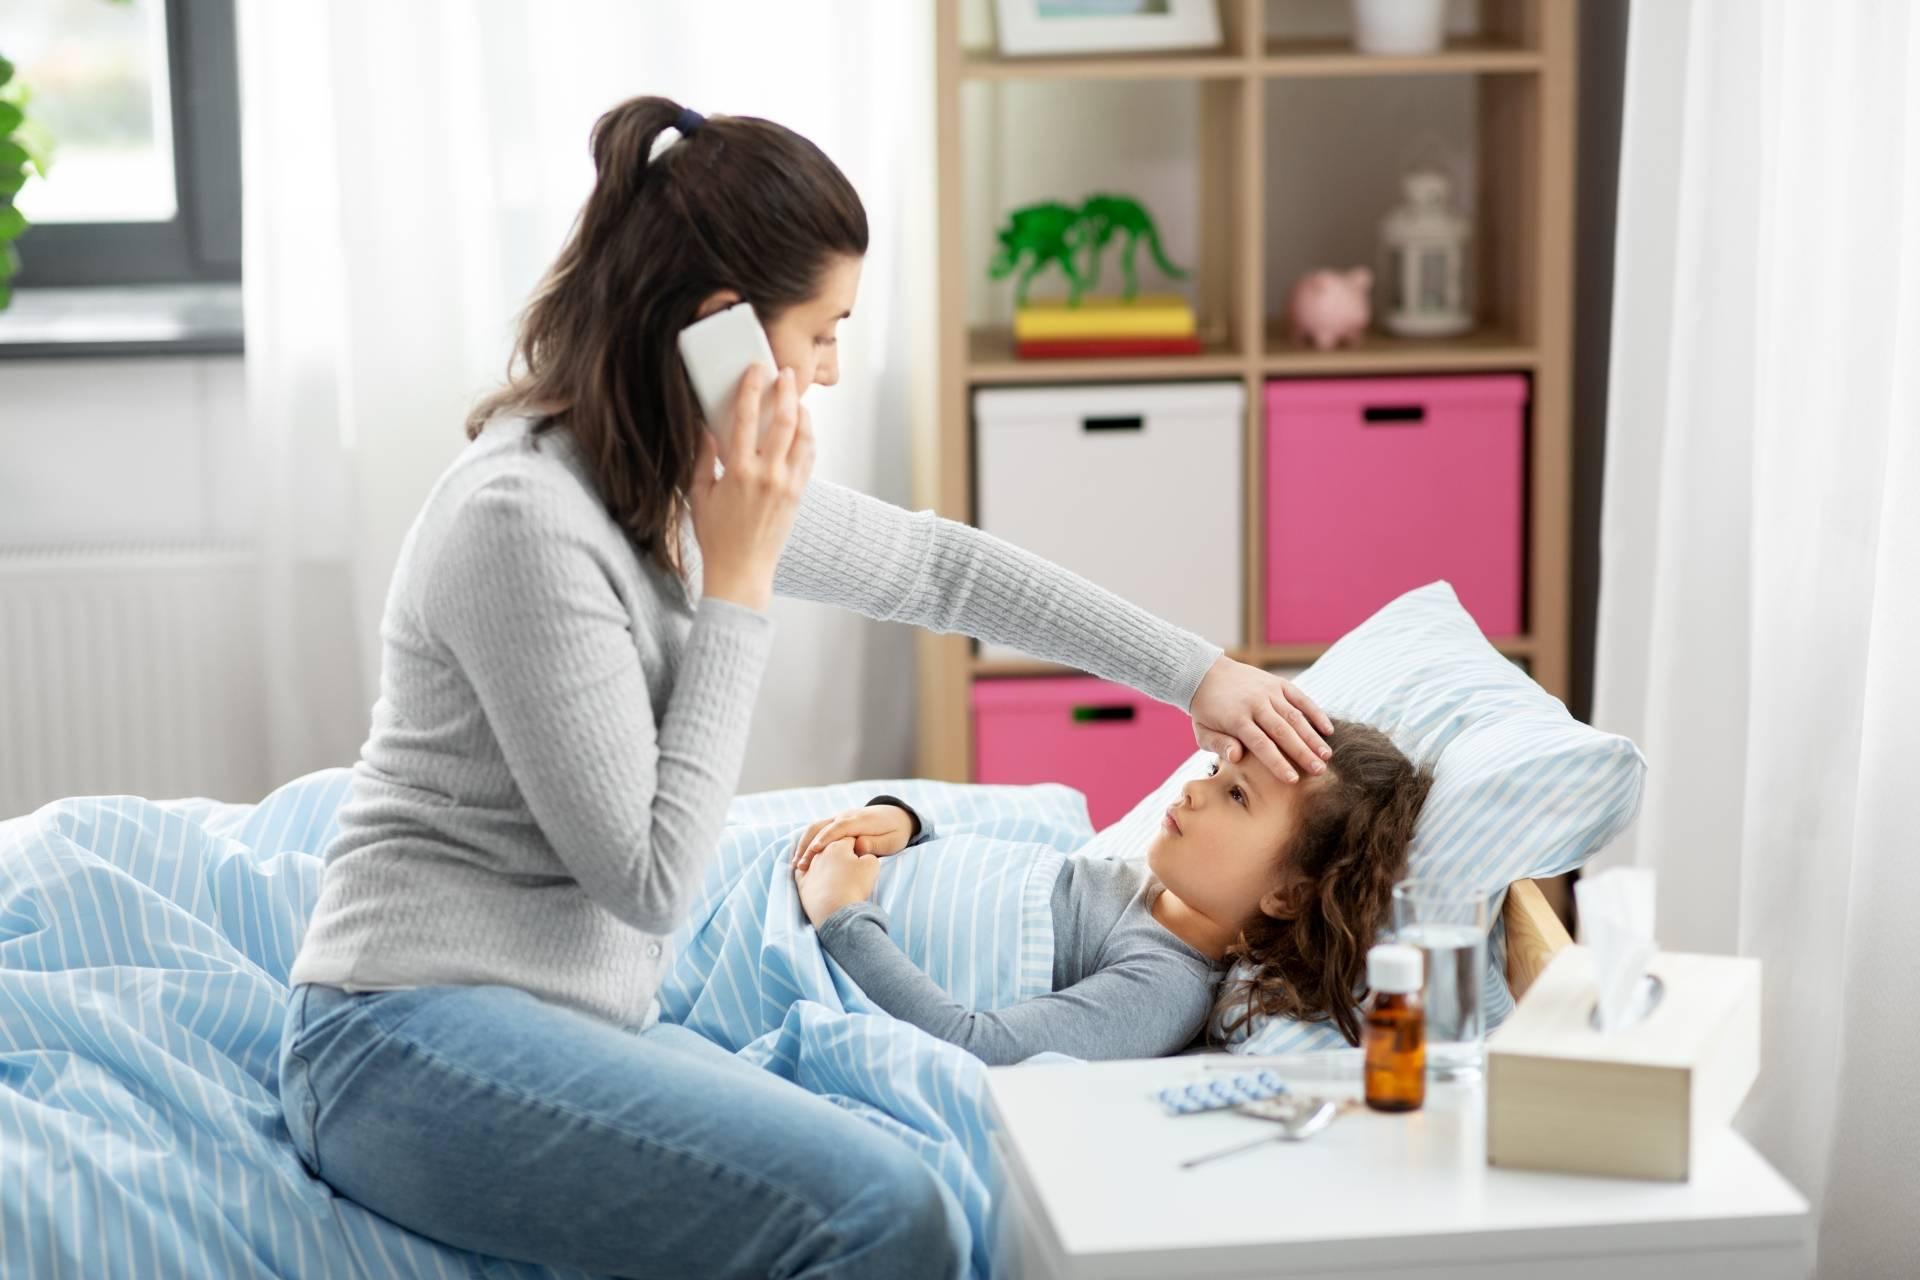 PIMS - zespół postcovidowy - jakie objawy powinny cię zaniepokoić? Mama mierzy temperaturę córce leżącej w łóżku i rozmawia przez telefon z lekarzem.